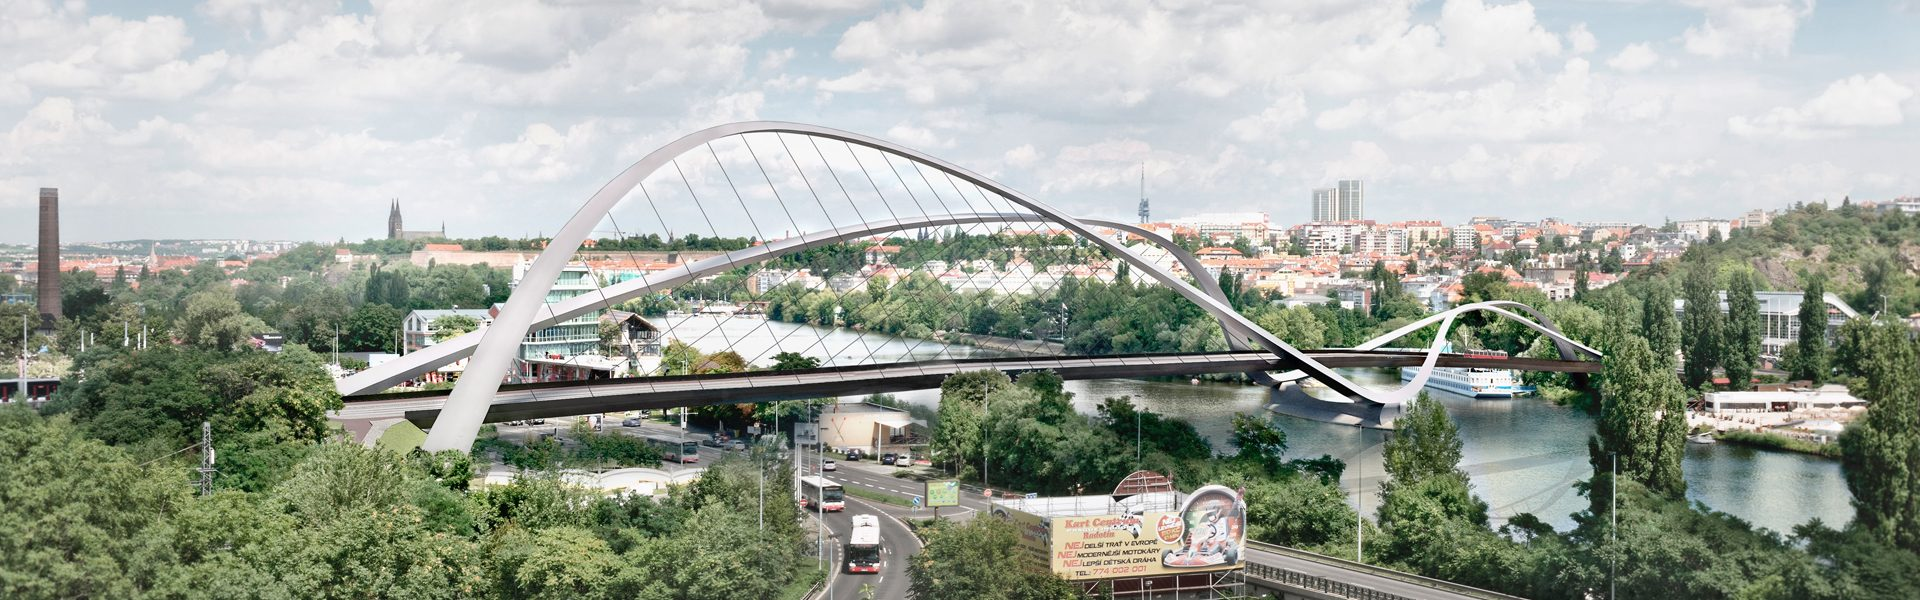 The Dvorecký Bridge